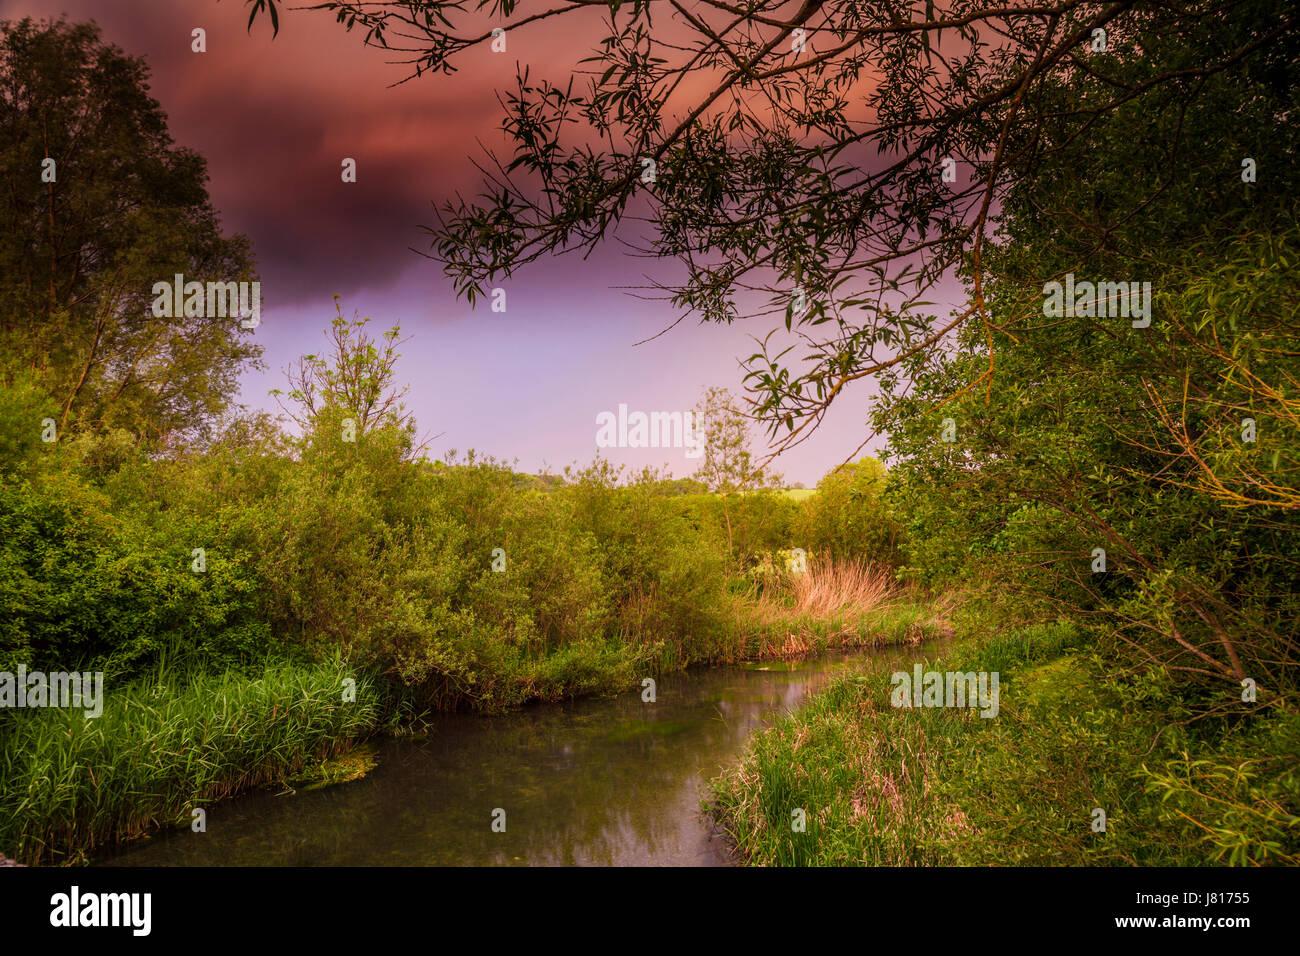 Acercándose a la tormenta de verano sobre el río Kennet en Wiltshire. Imagen De Stock